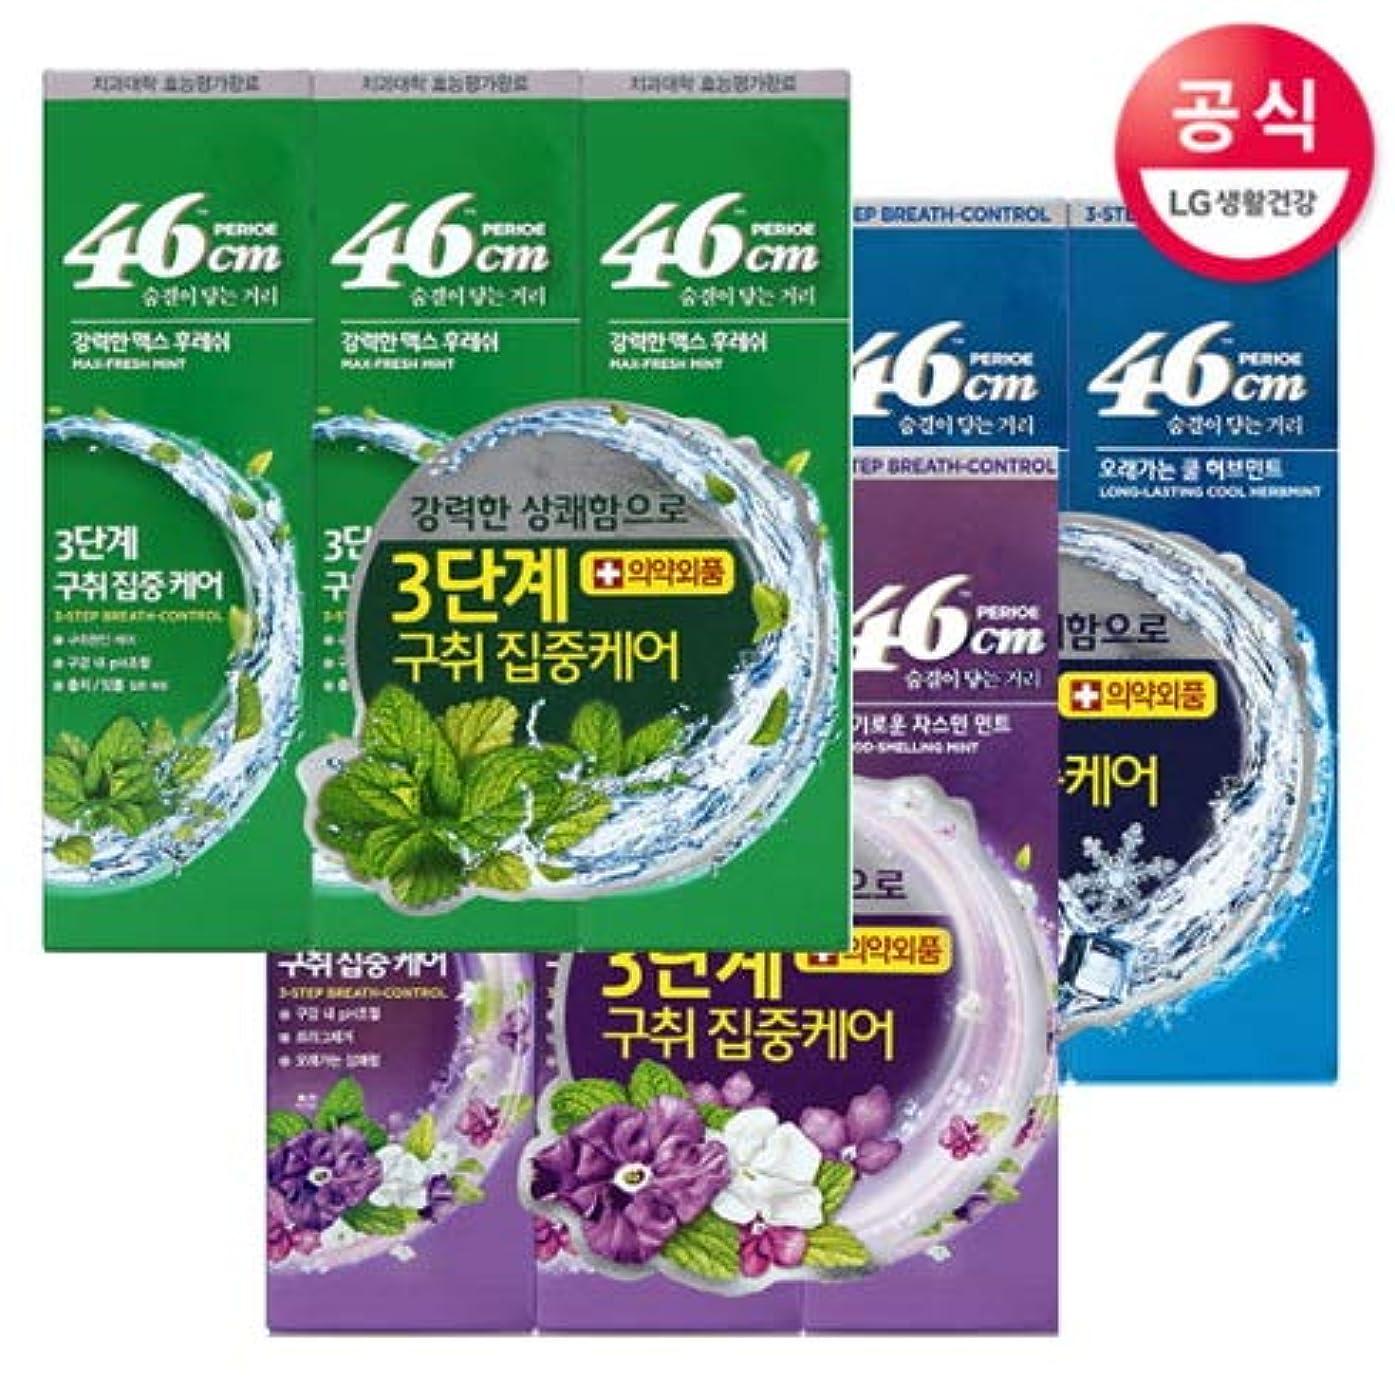 申請者うがい[LG HnB] Perio 46cm toothpaste /ペリオ46cm歯磨き粉 100gx9個(海外直送品)